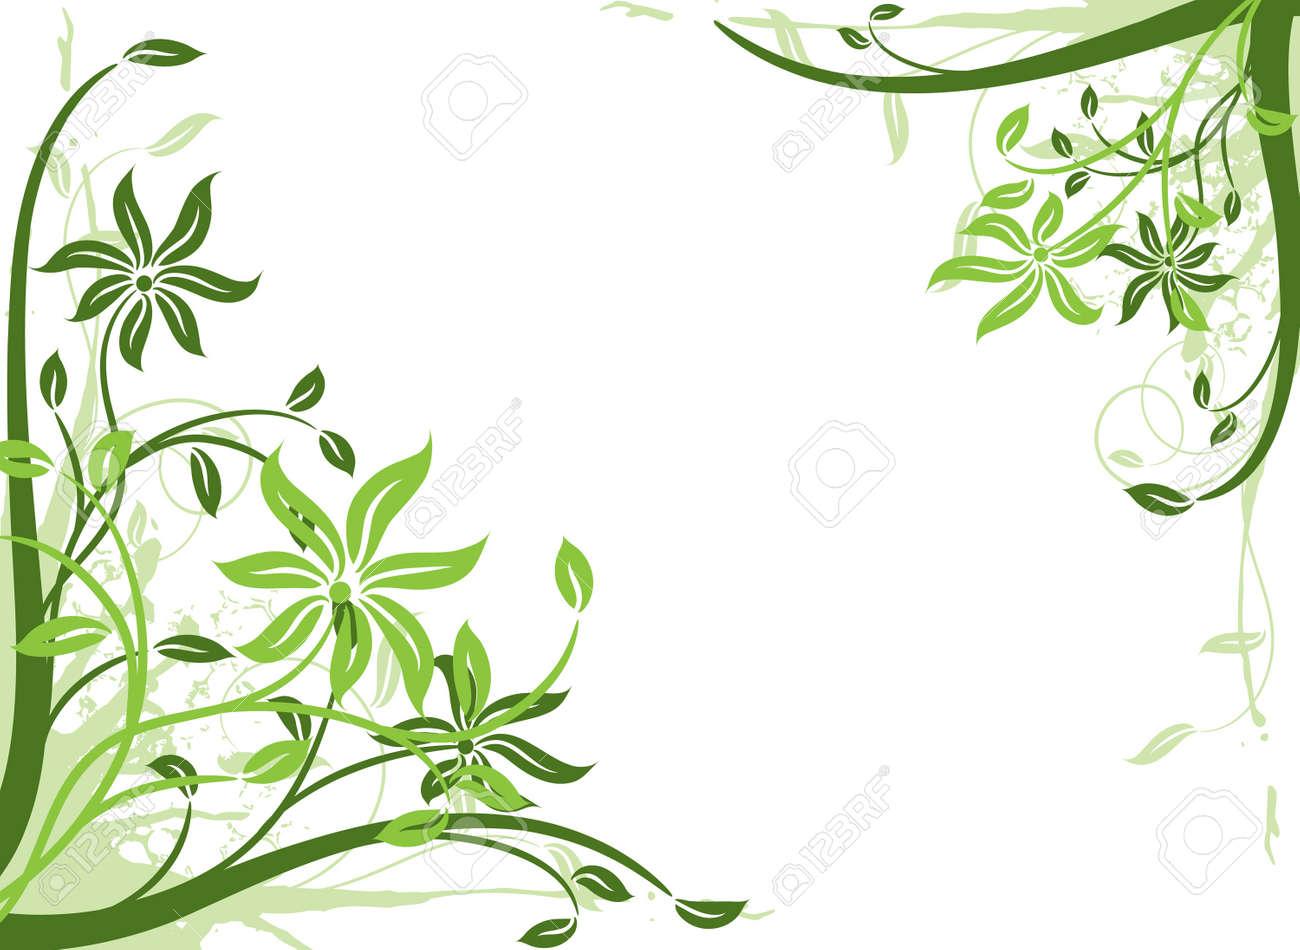 Floral background, frame, vector illustration Stock Vector - 2901948